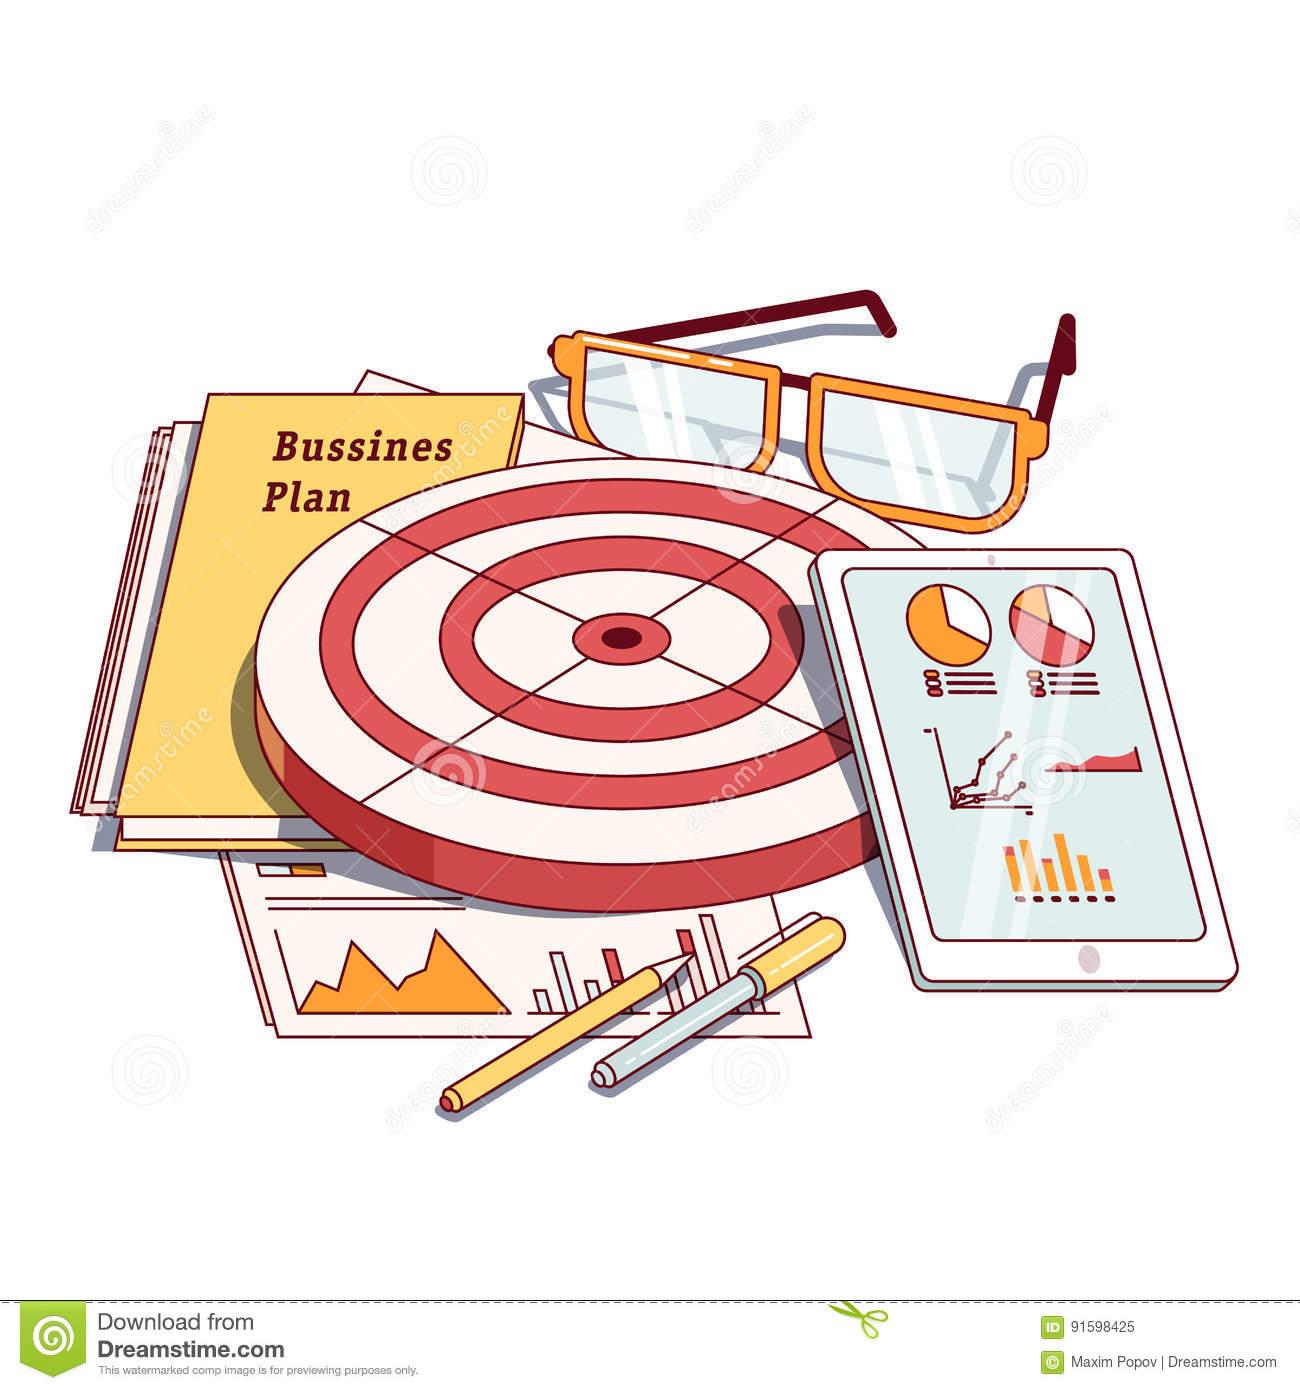 Documento de planificacion en prmociones de negocios